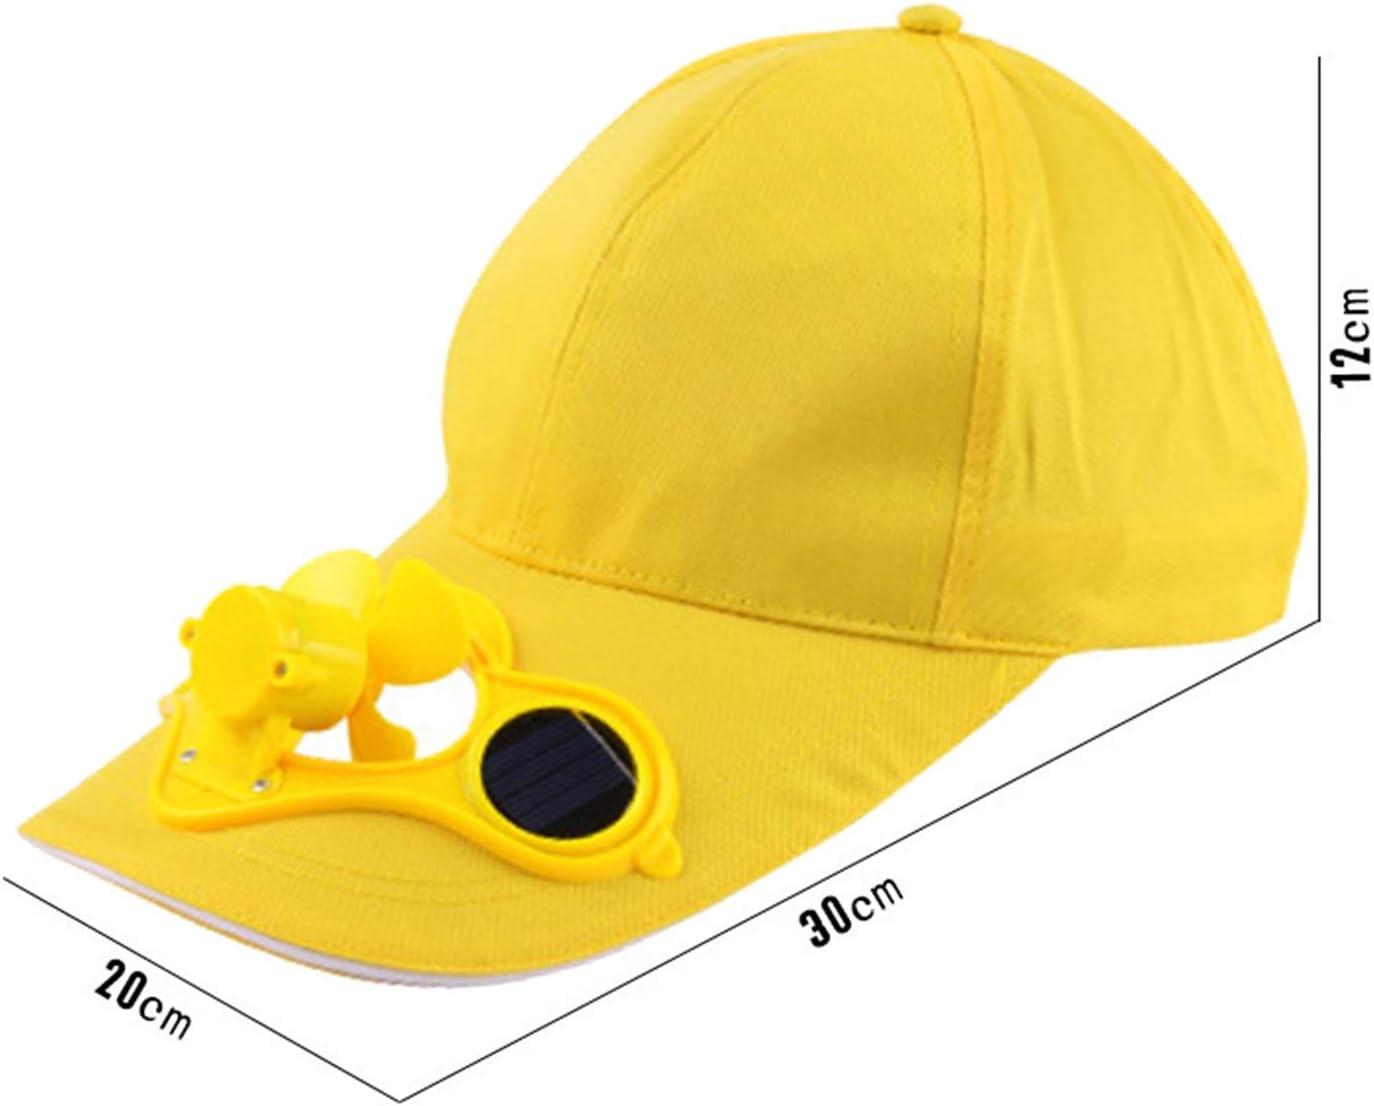 REFURBISHHOUSE Amarillo Gorra Sombrero Al Aire Libre del ...